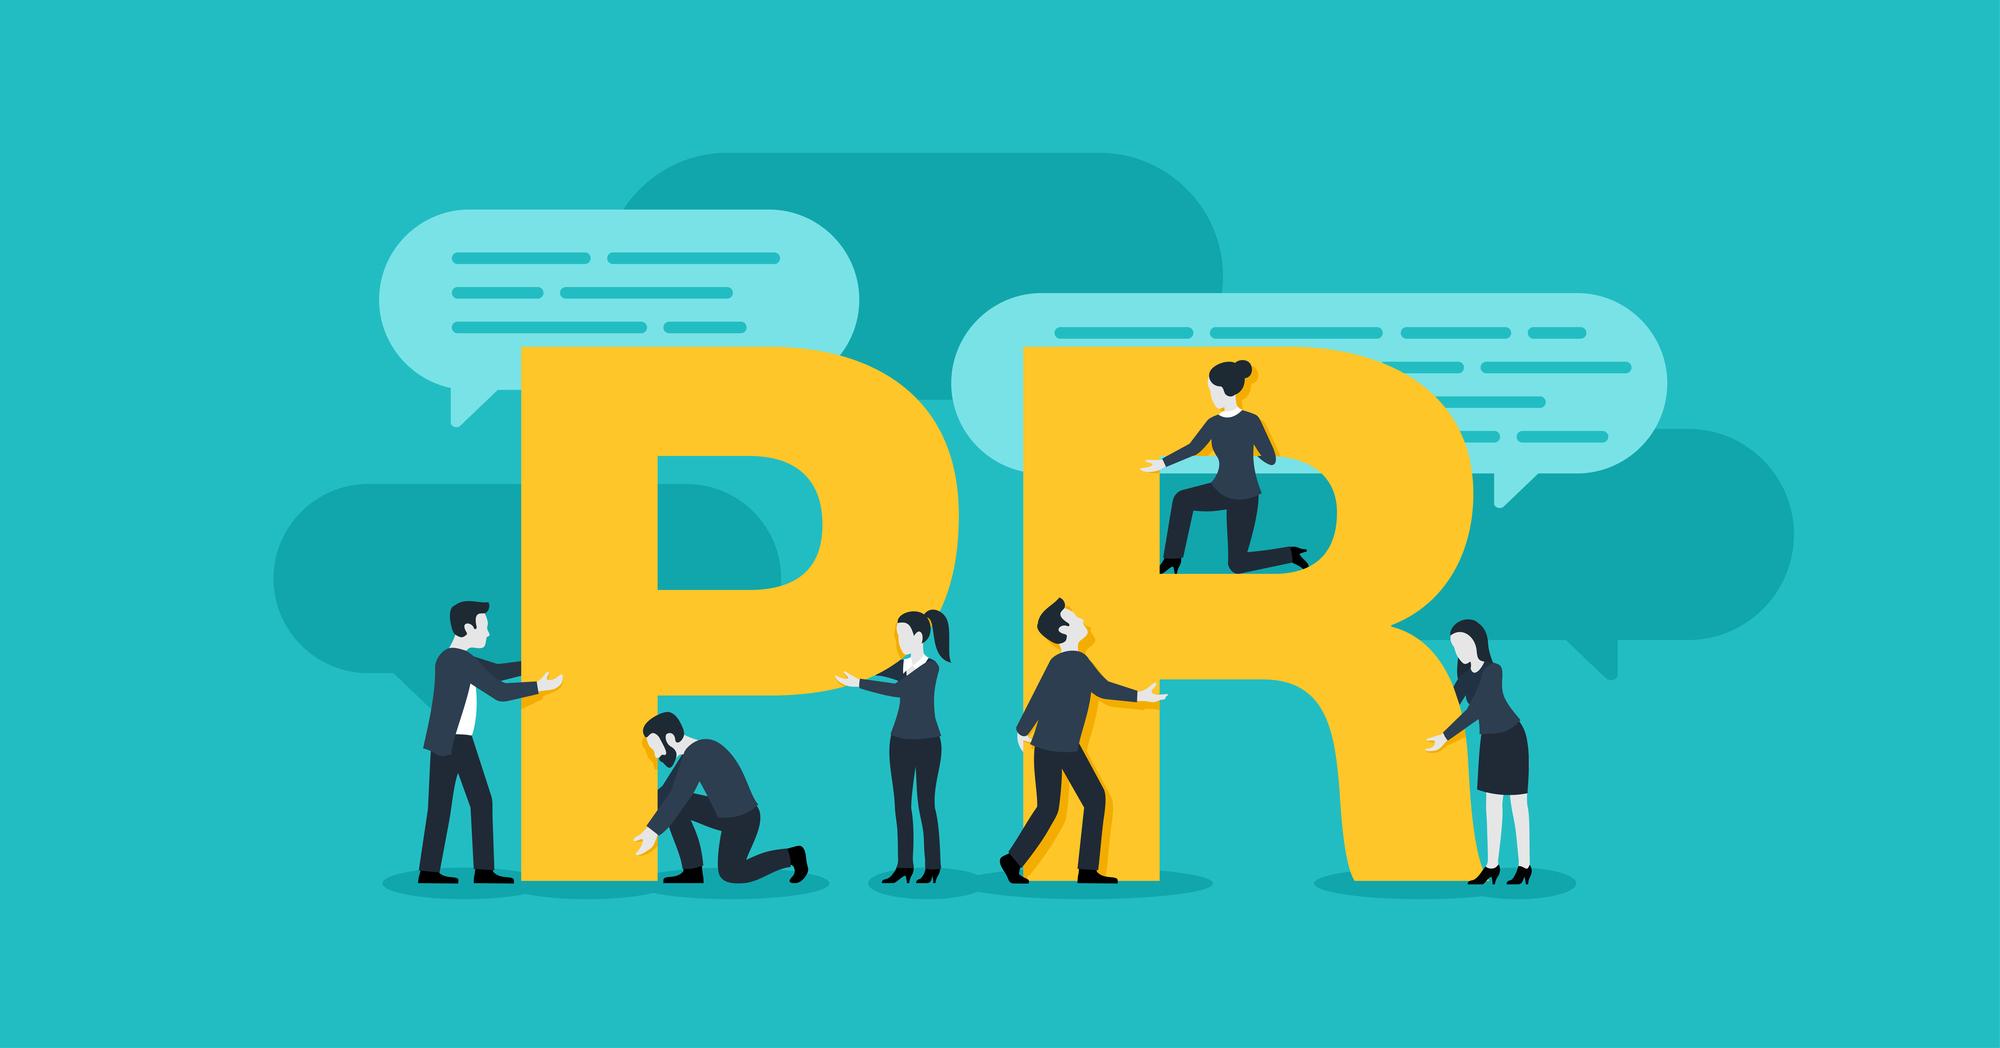 効果的な企業PRの手法&おすすめのツール紹介